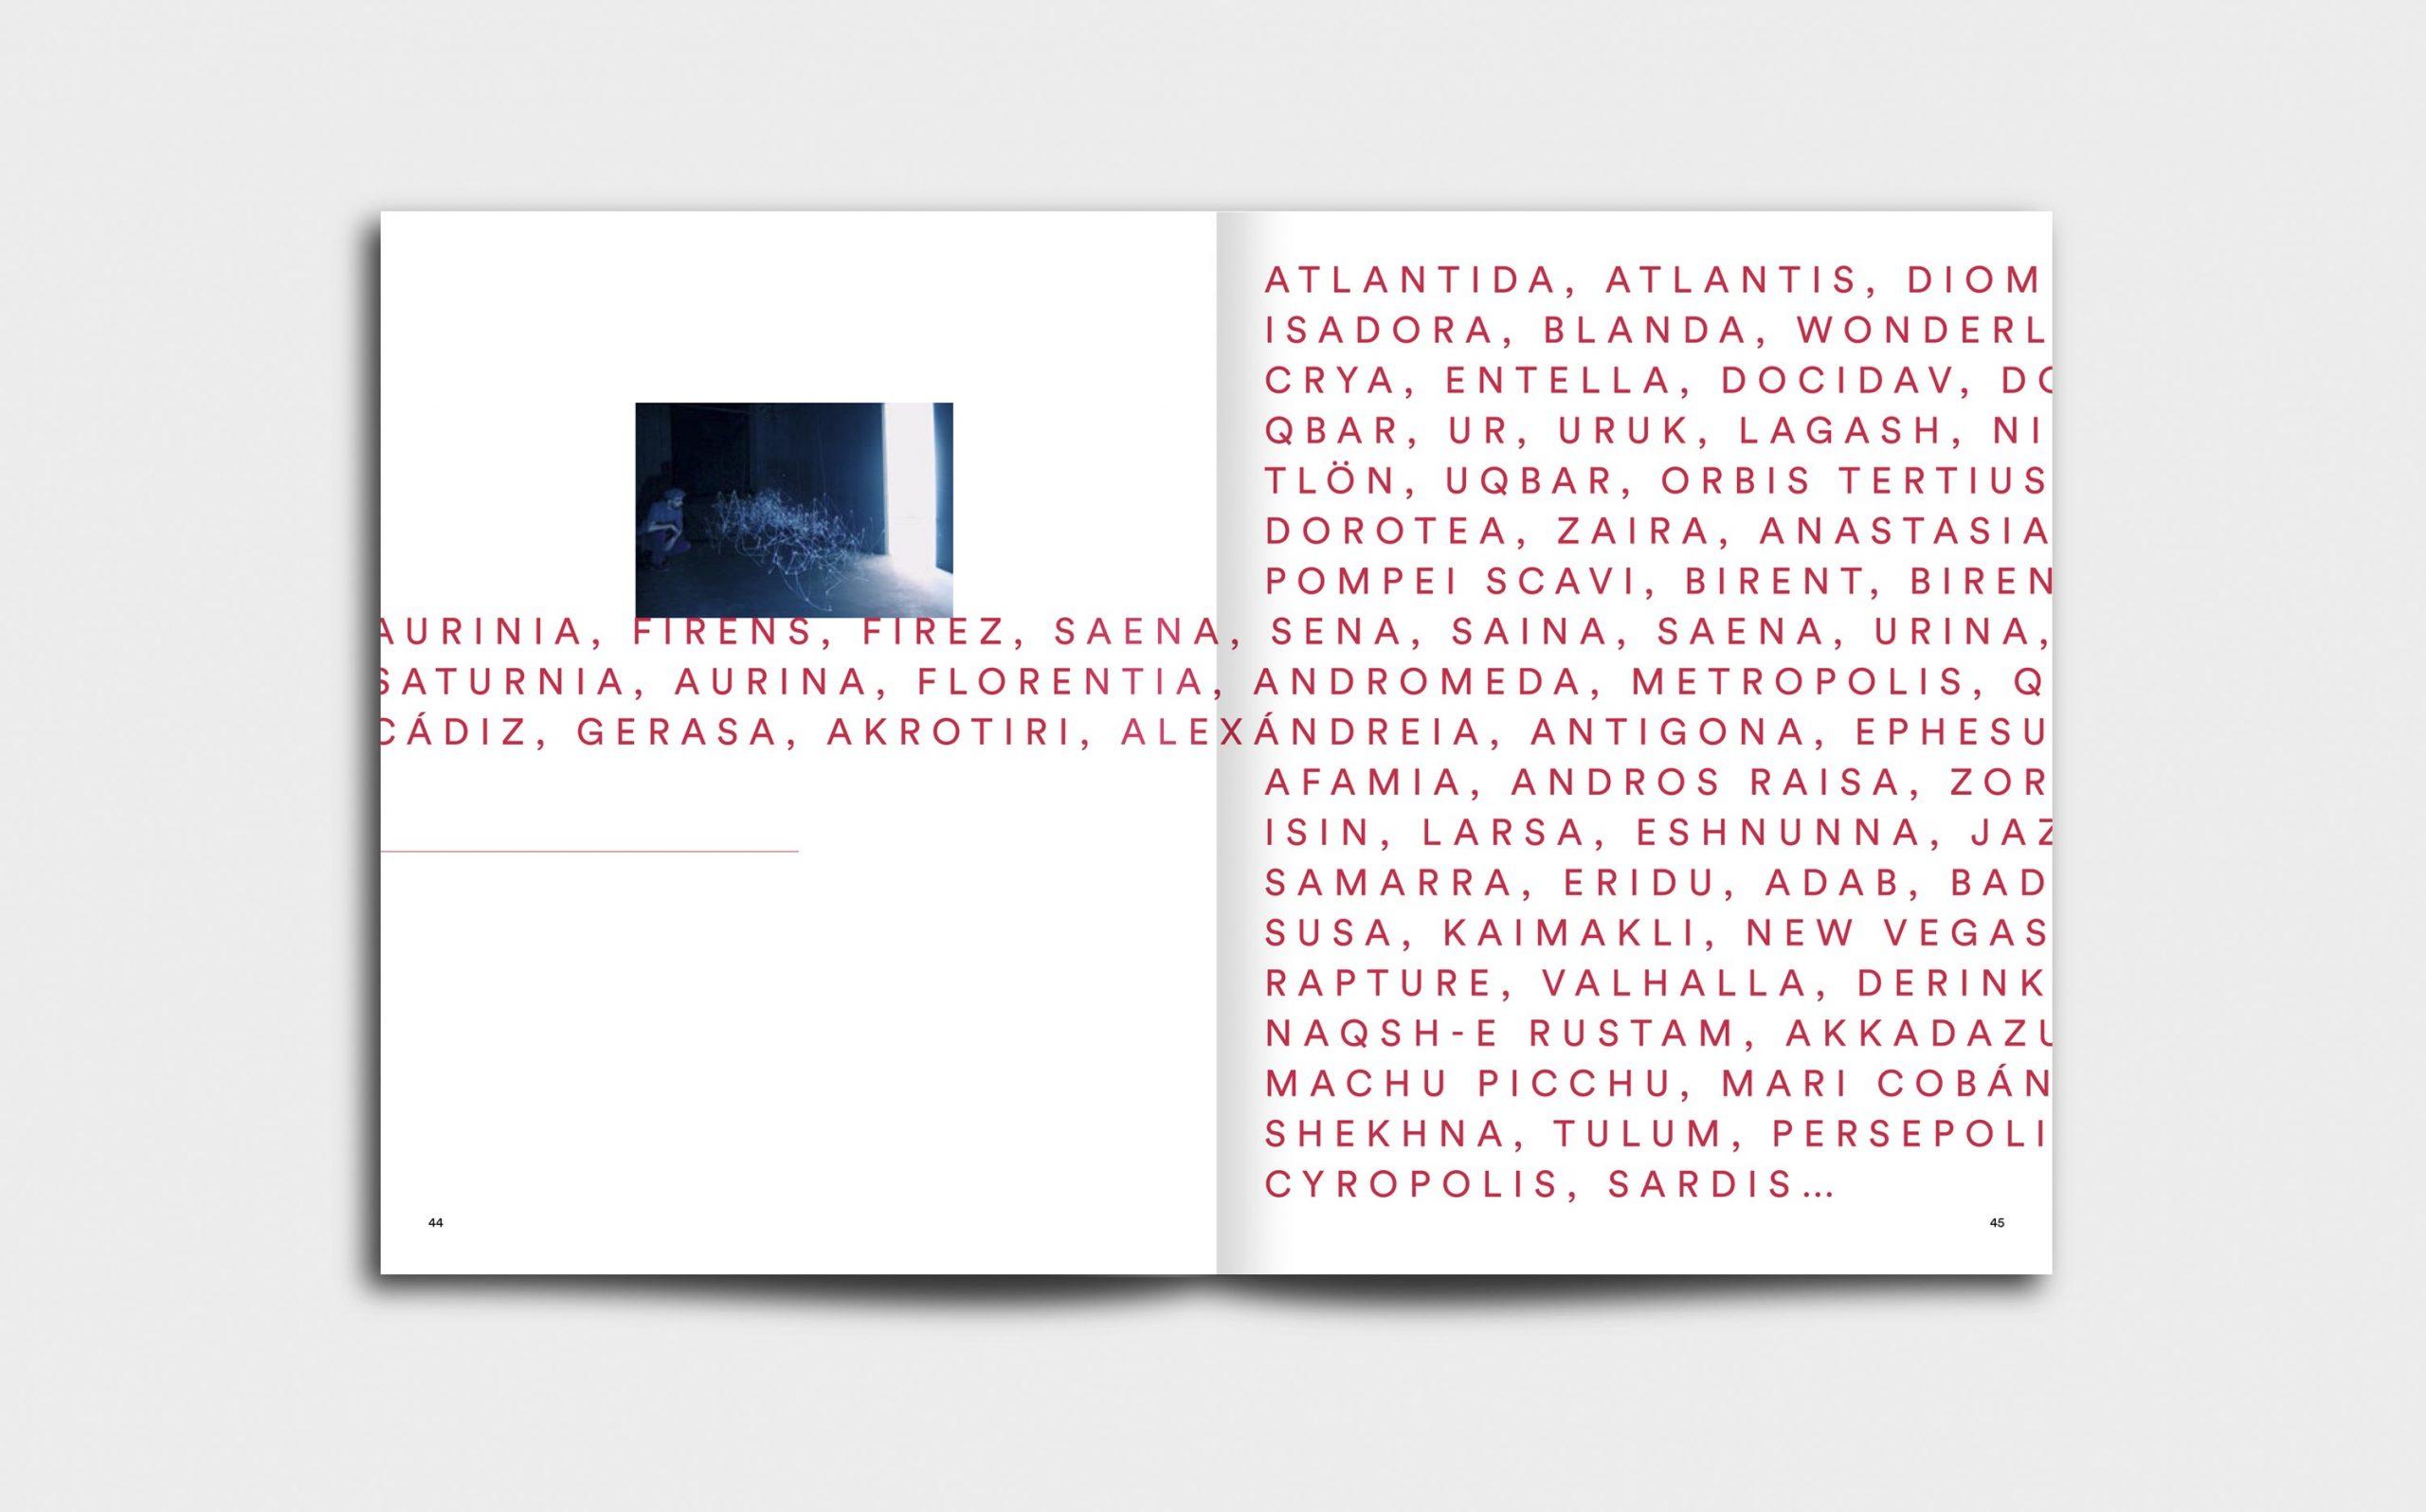 Juliana Herrero – REM 1:1 | Voice-Over Doppelseite mit rotem Text und sehr grafischer Typografie, kleines Foto der Werkgruppe »Plateaus« links oben | Keywords: Editorial Design, Artist Book, Künstlerbuch, Buchgestaltung, Grafikdesign, Design, Typografie